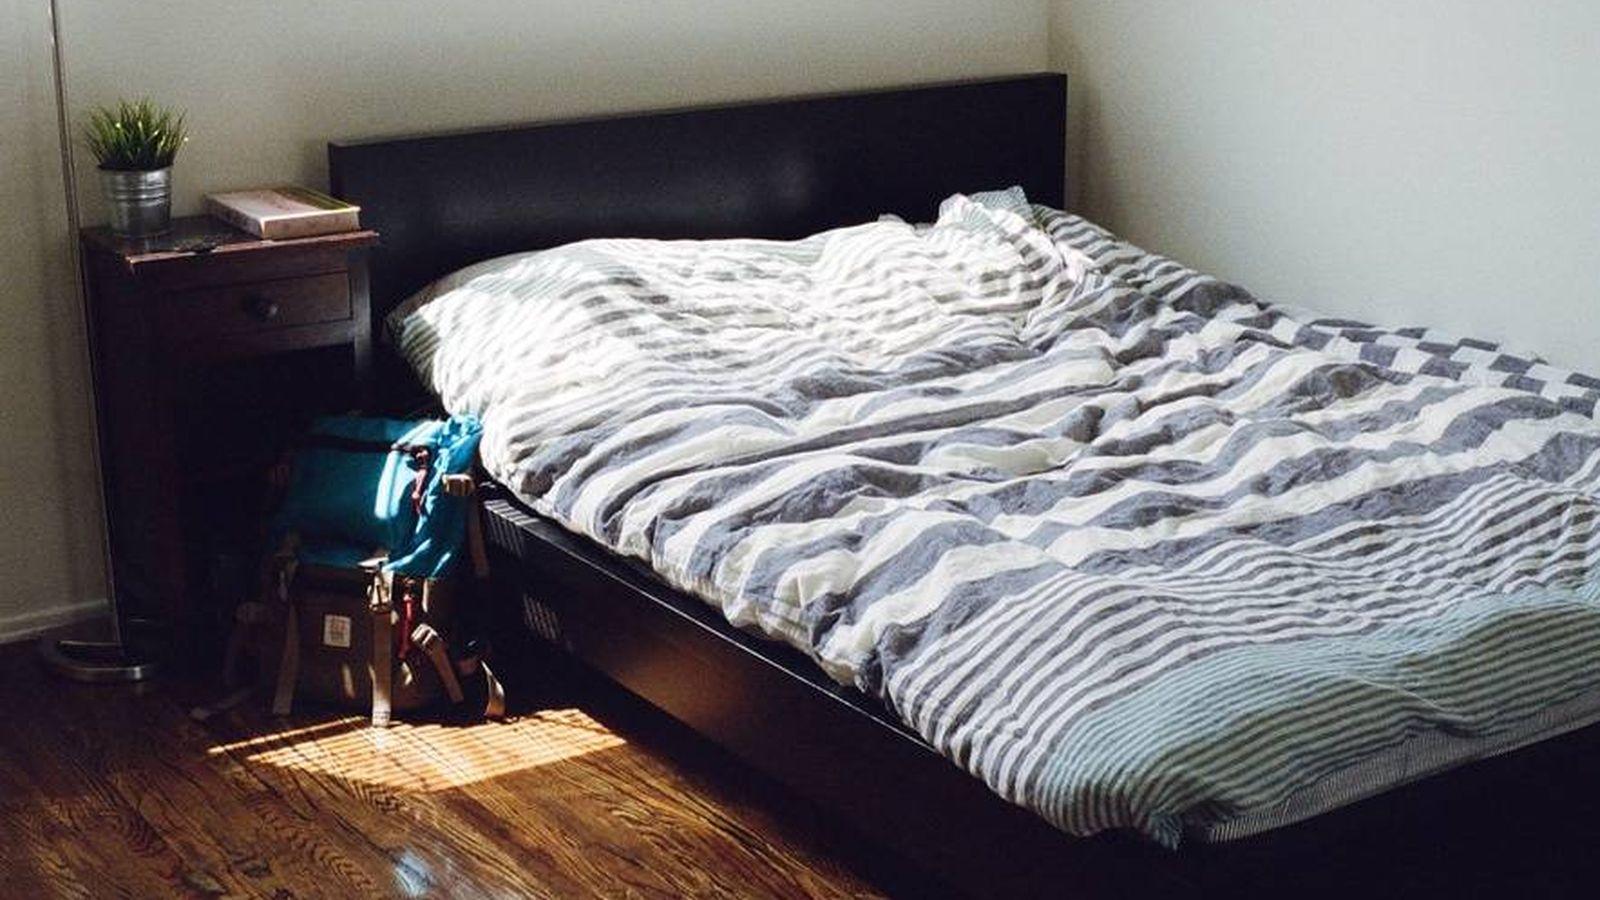 Vivienda c mo est n las habitaciones de los pisos for Buscar piso compartido